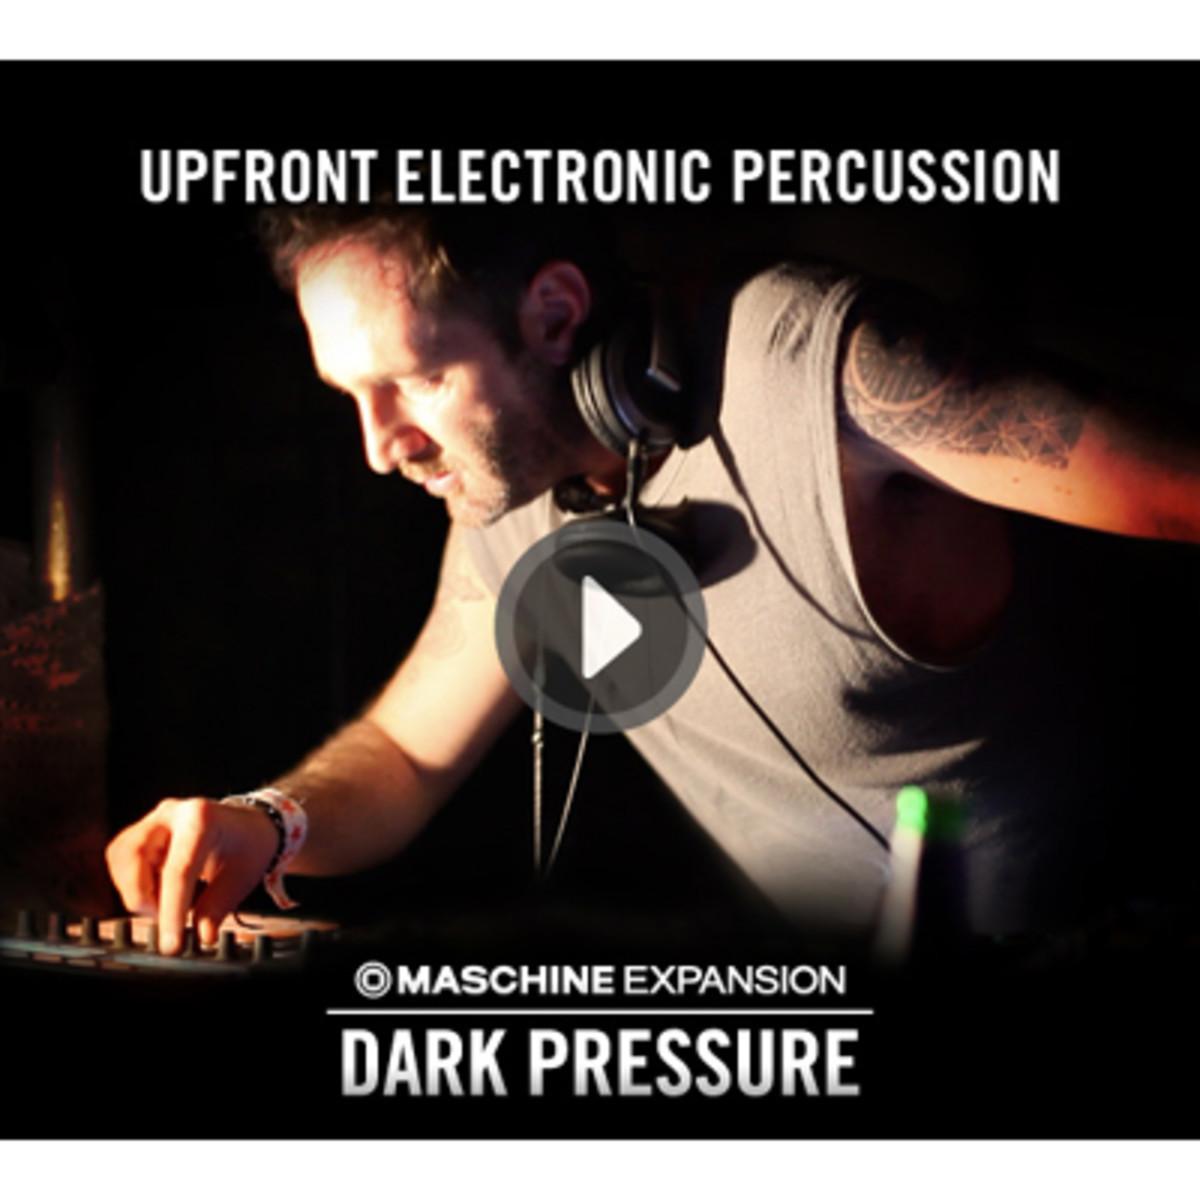 darkpressure.jpg